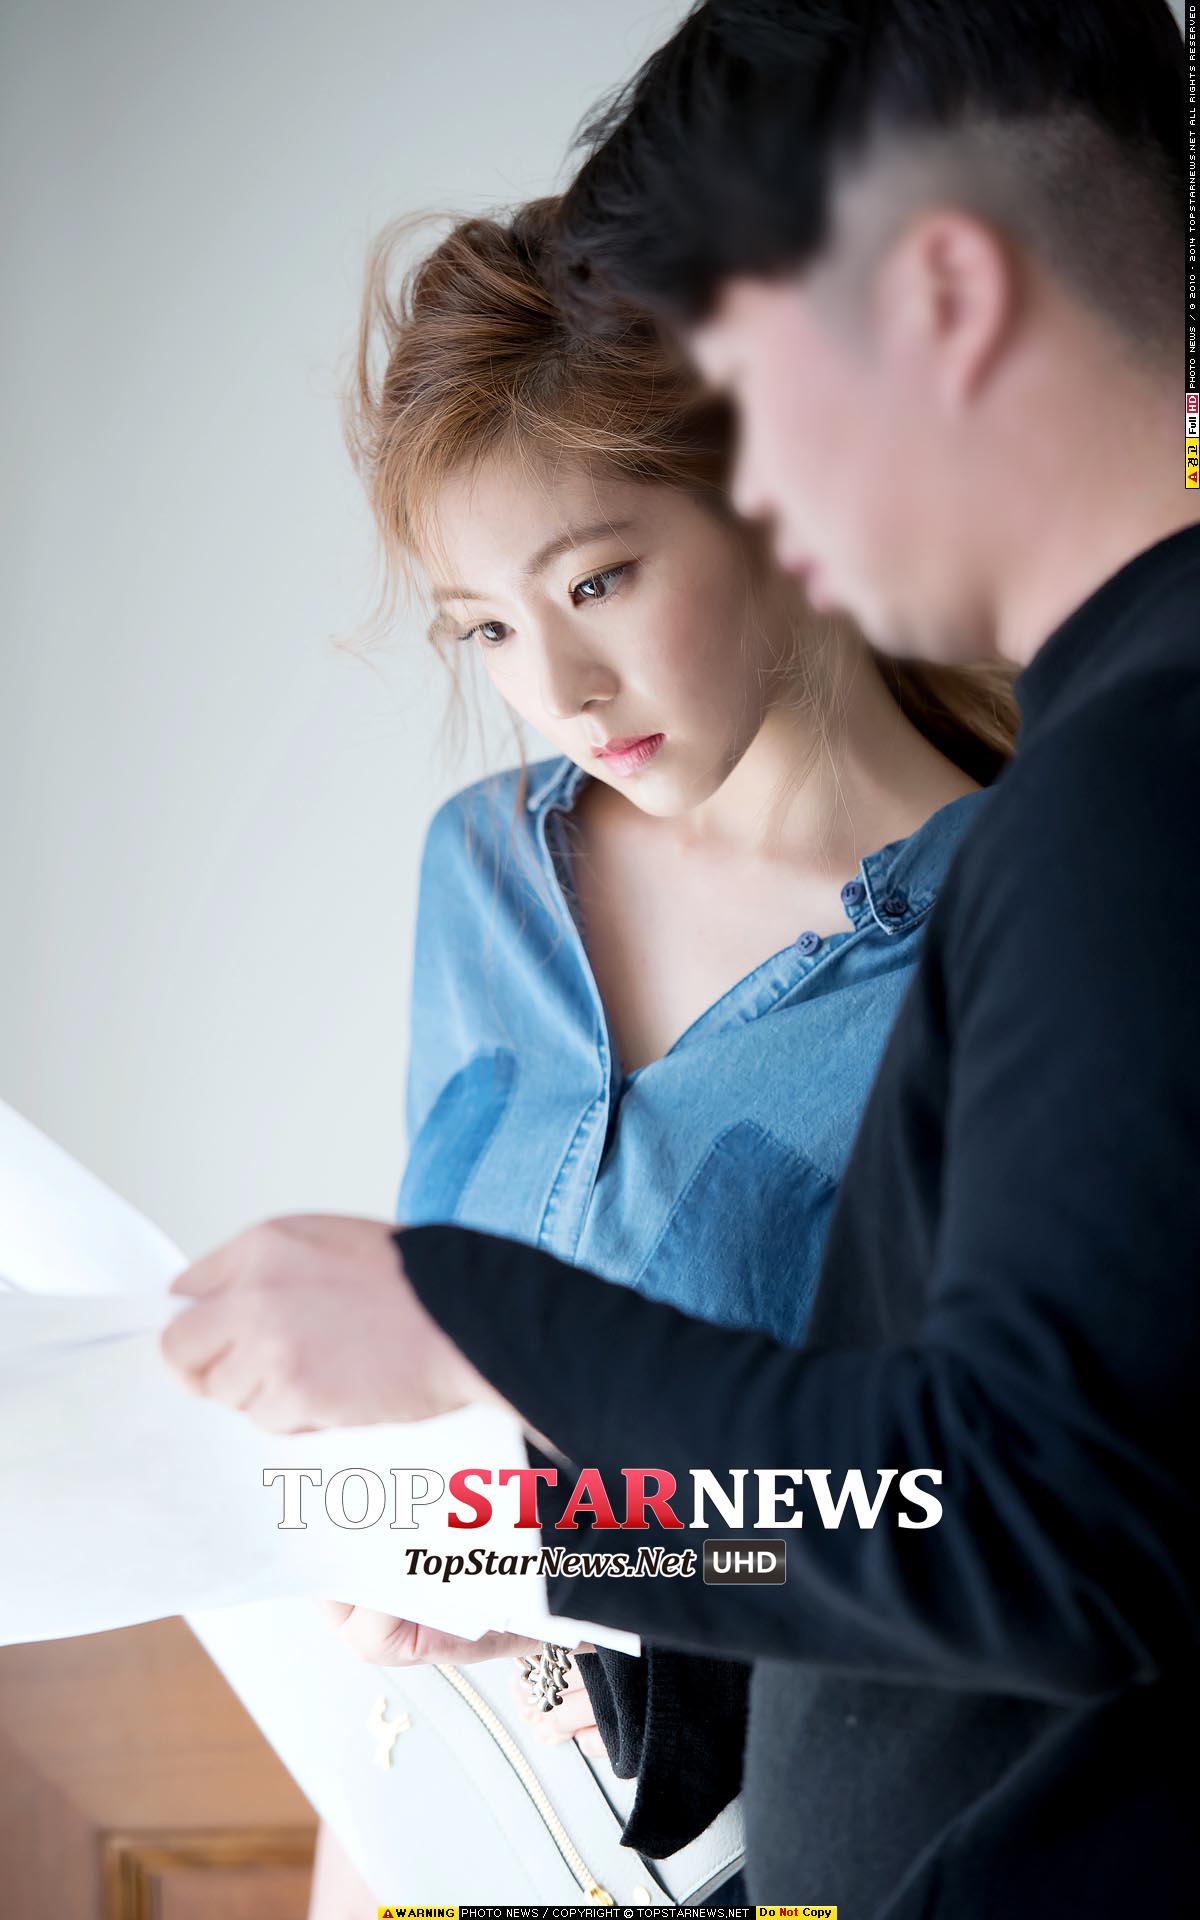 1991年生的她,今年24歲,她有著天使般的外貌,然而網友起底她的練習生時期.....